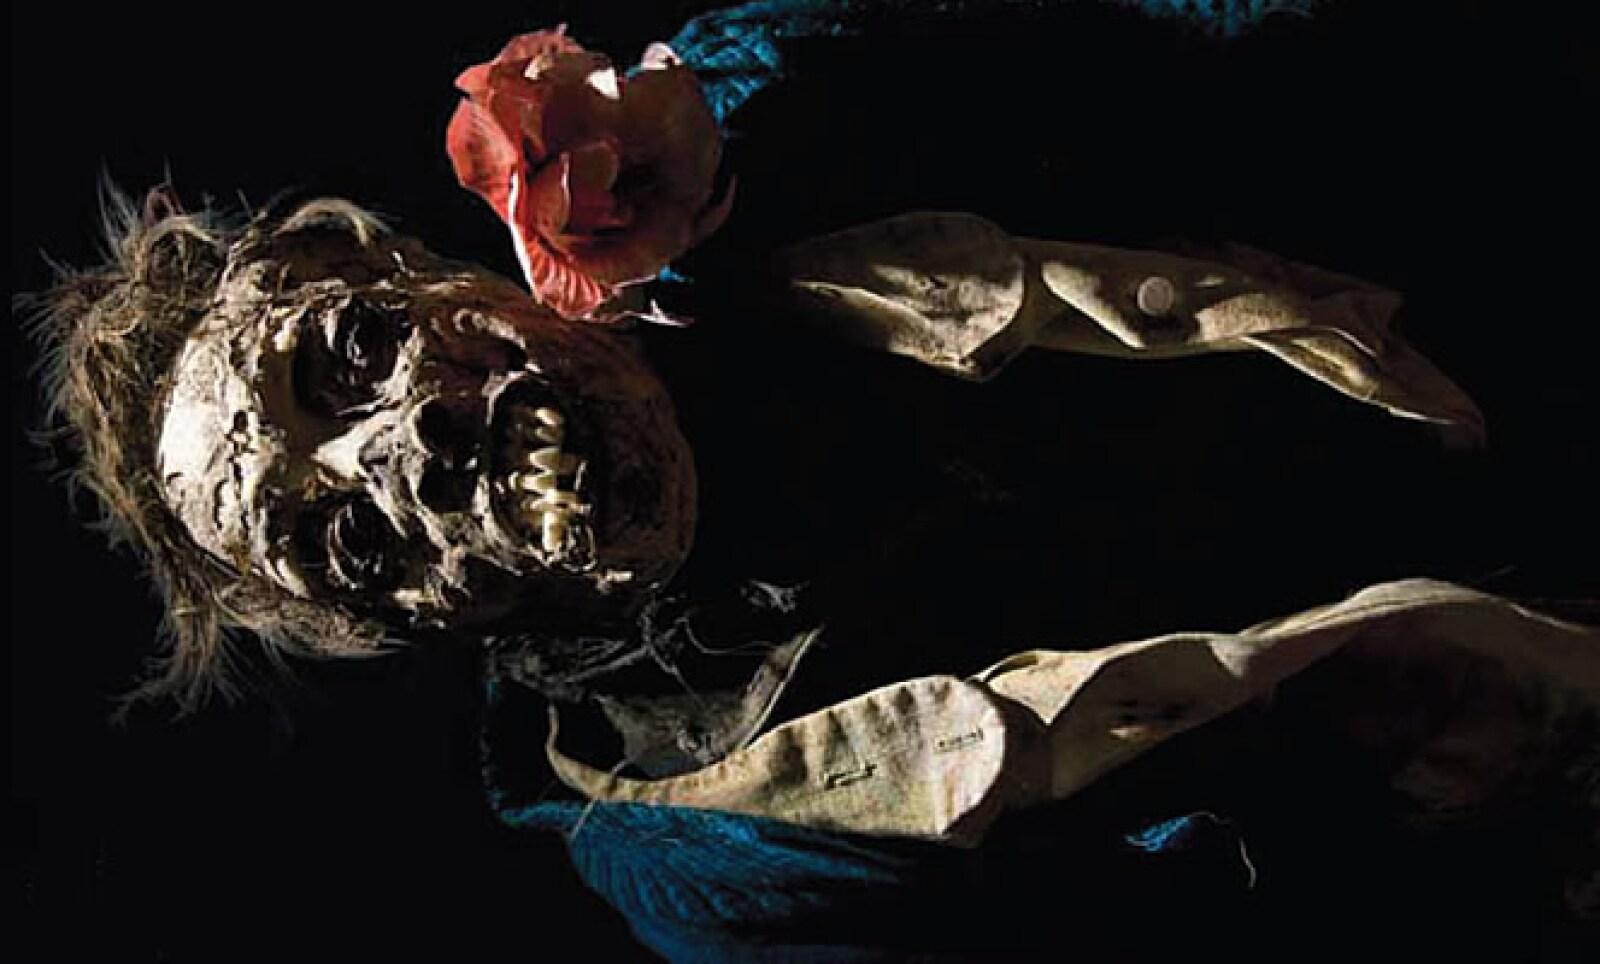 El proceso de momificación se produce por el sellado hermético que le da una capa de cemento vertida al nicho mortuorio.